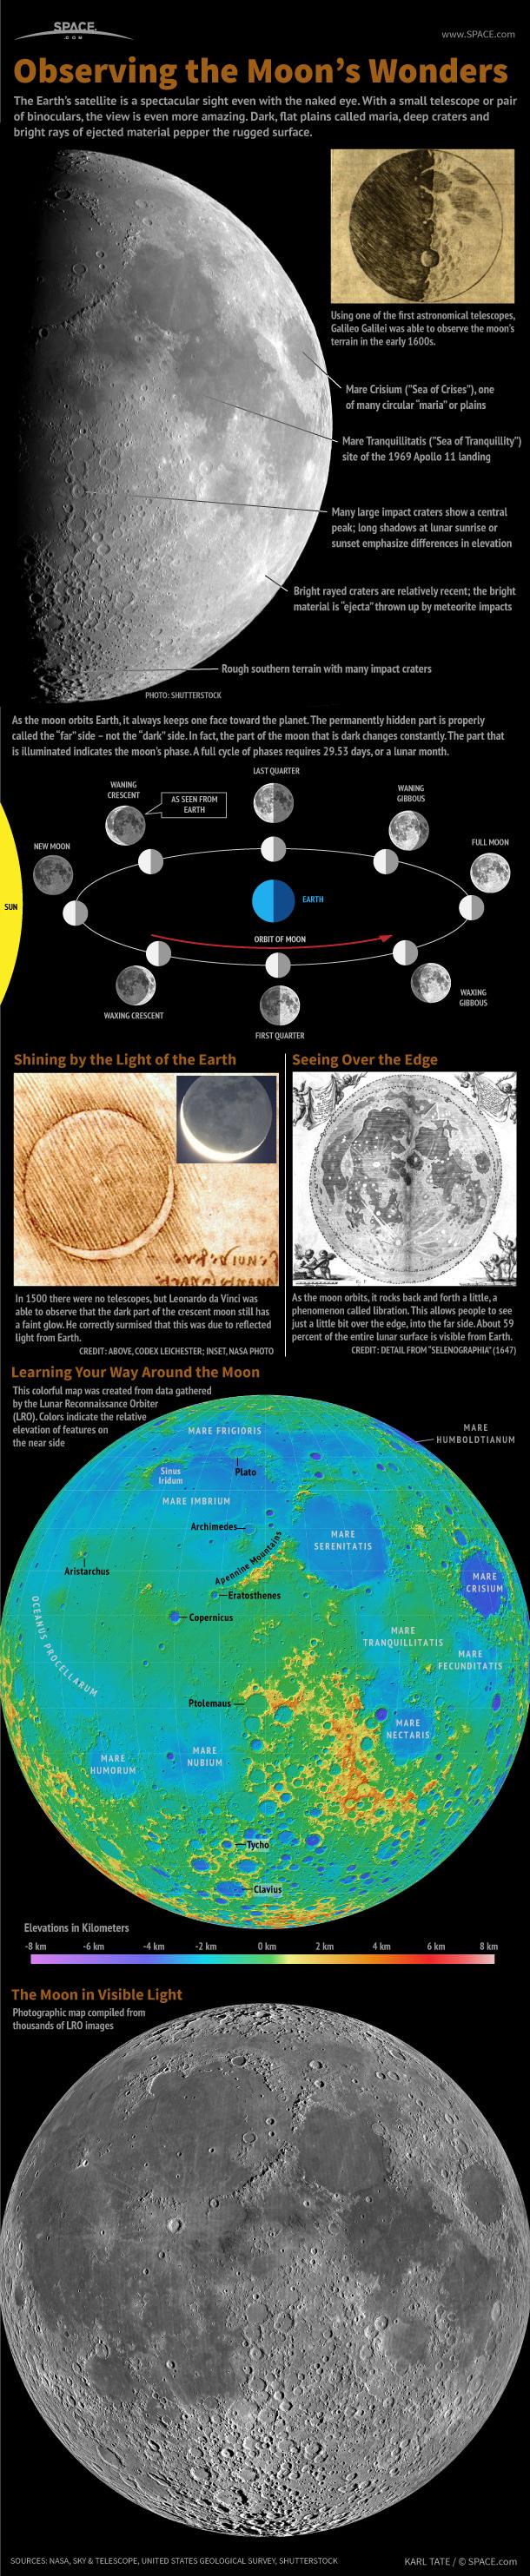 moon-observing